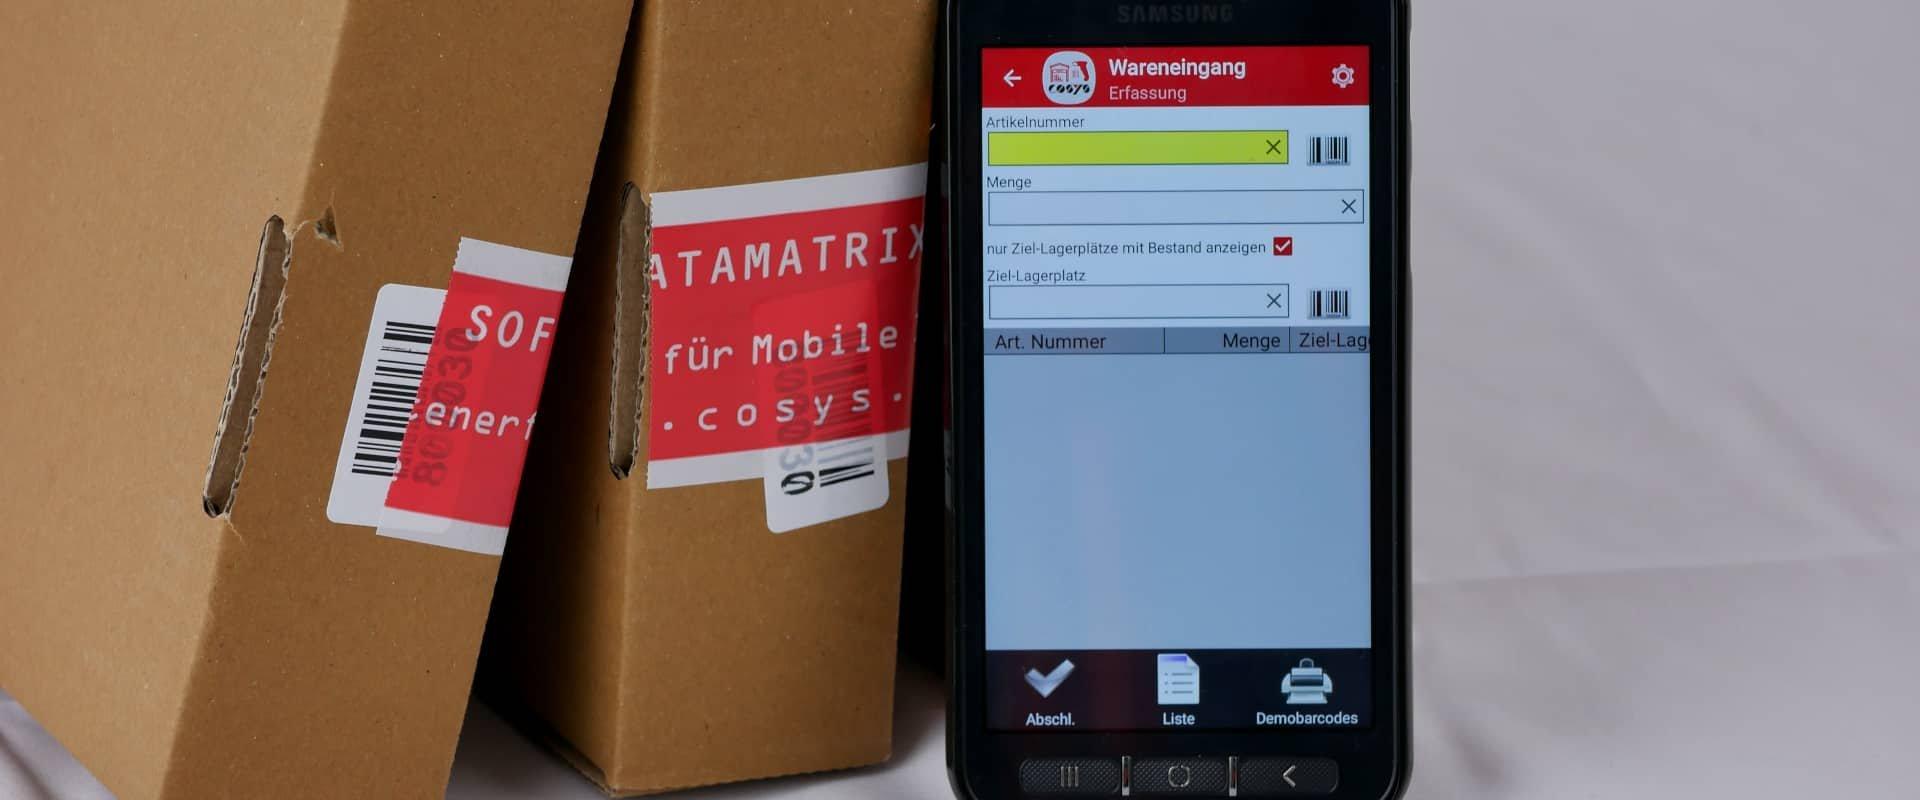 News: COSYS mobile App digitalisiert Ihr Lager -jetzt als Testversion verfügbar